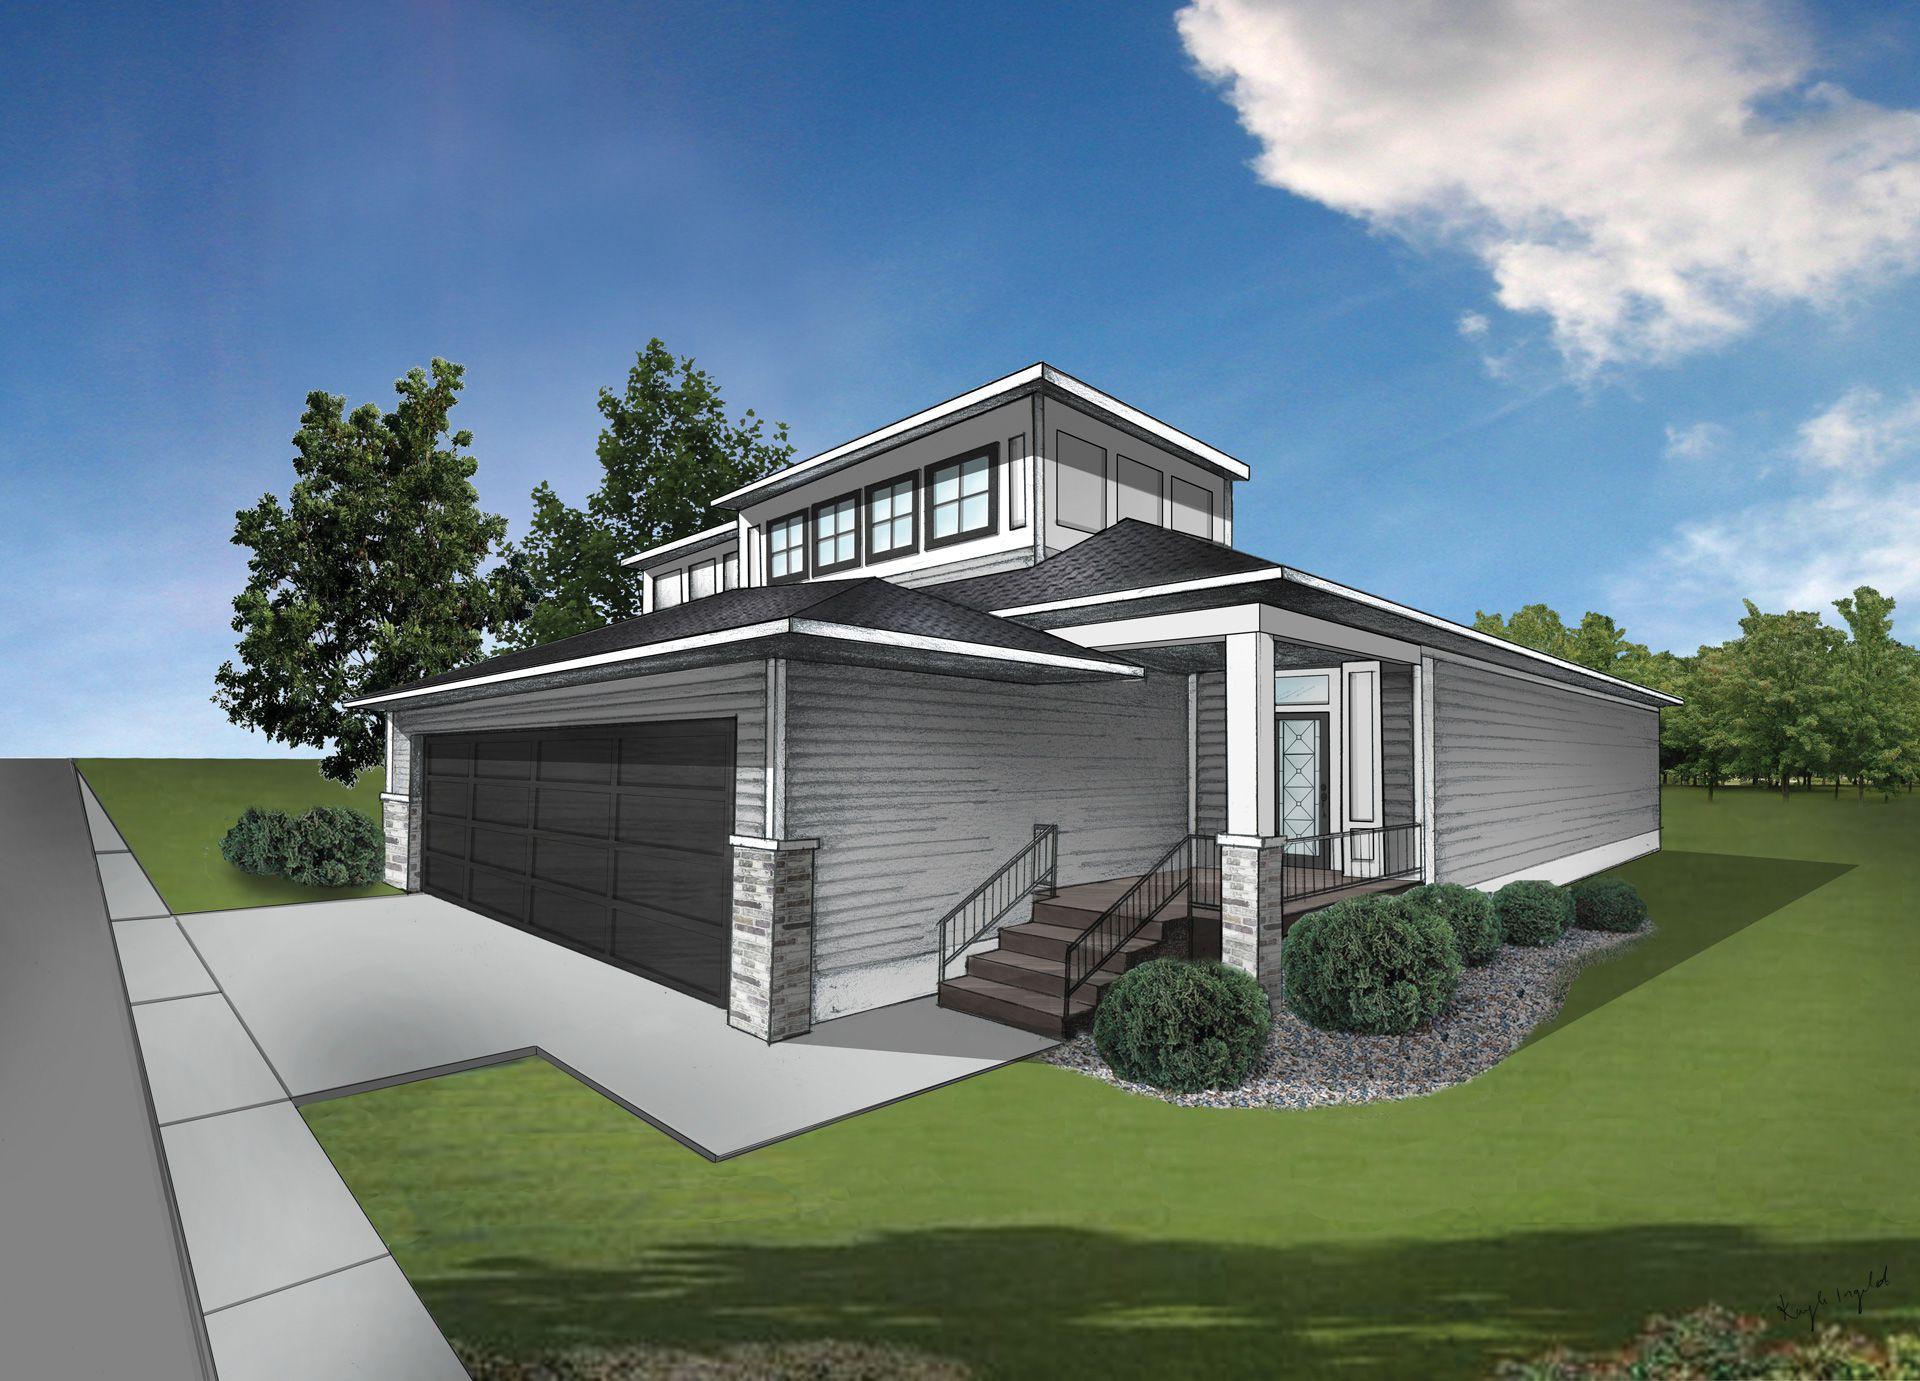 Contact maison design build